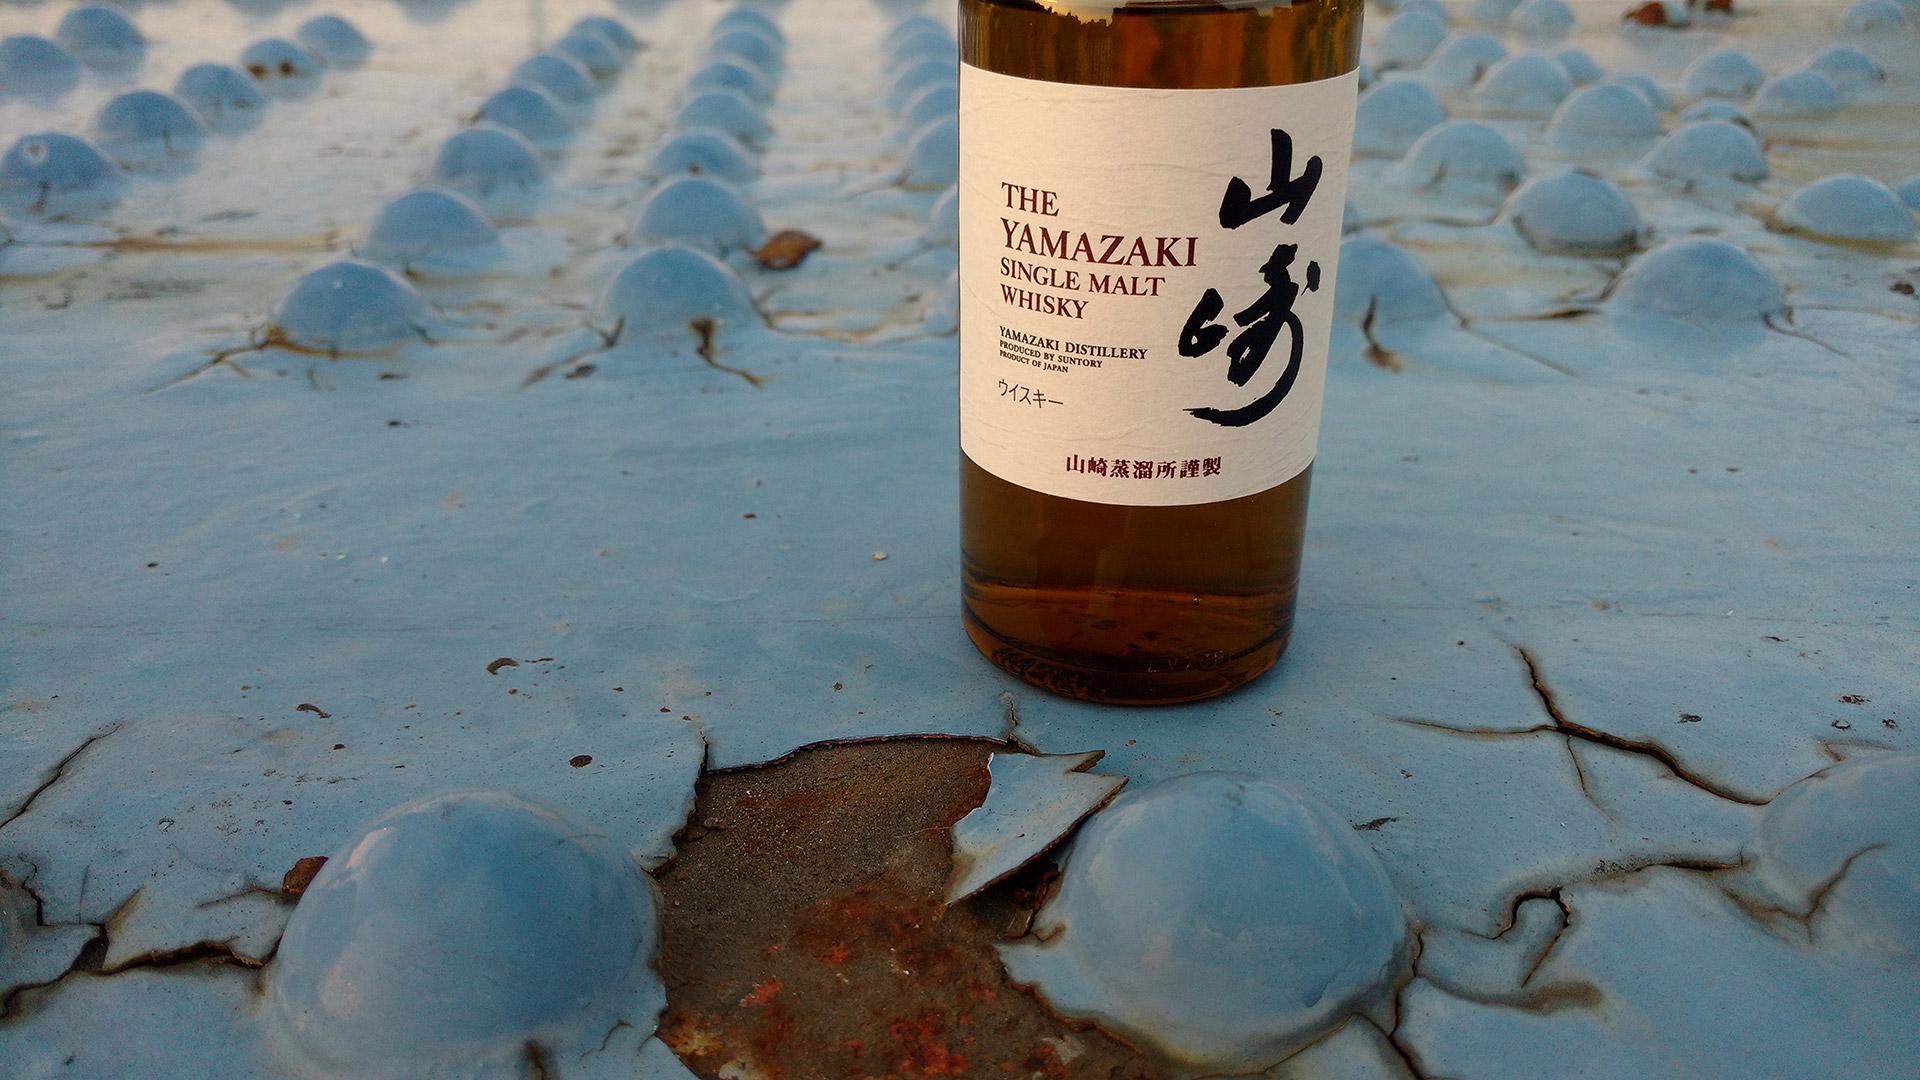 Yamazaki Single Malt bei Sonnenuntergang auf einer Brücke in Tokio (Foto: Malt Whisky)